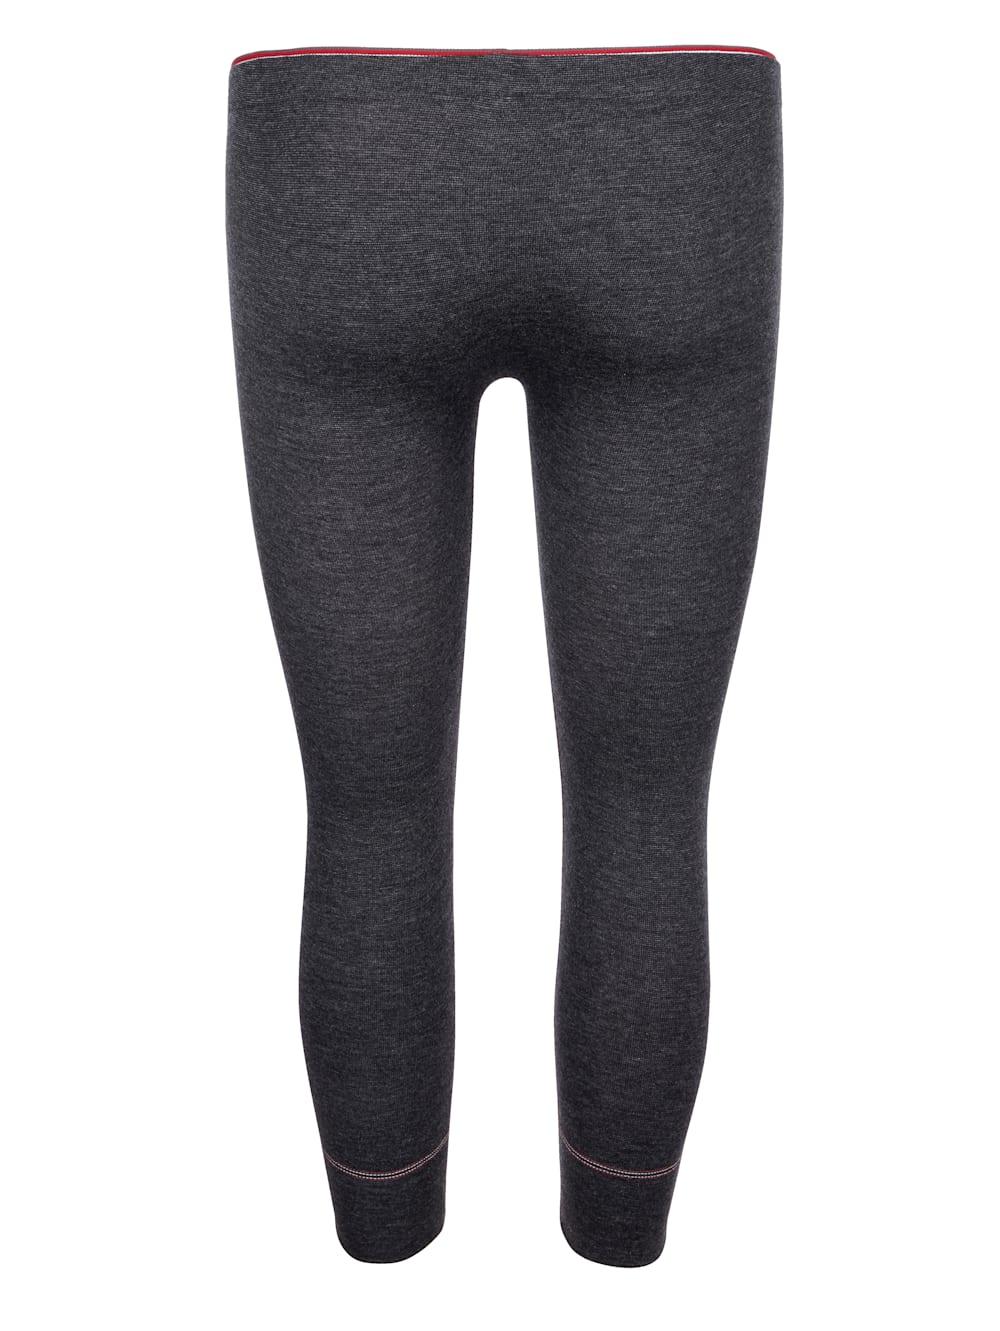 Bequeme Unterhose f/ür Herren con-ta 3//4 Lange Hose mit Eingriff Leggins aus weicher Baumwolle in Feinripp in Wei/ß Gr/ö/ße: XXL anschmiegsame Unterw/äsche